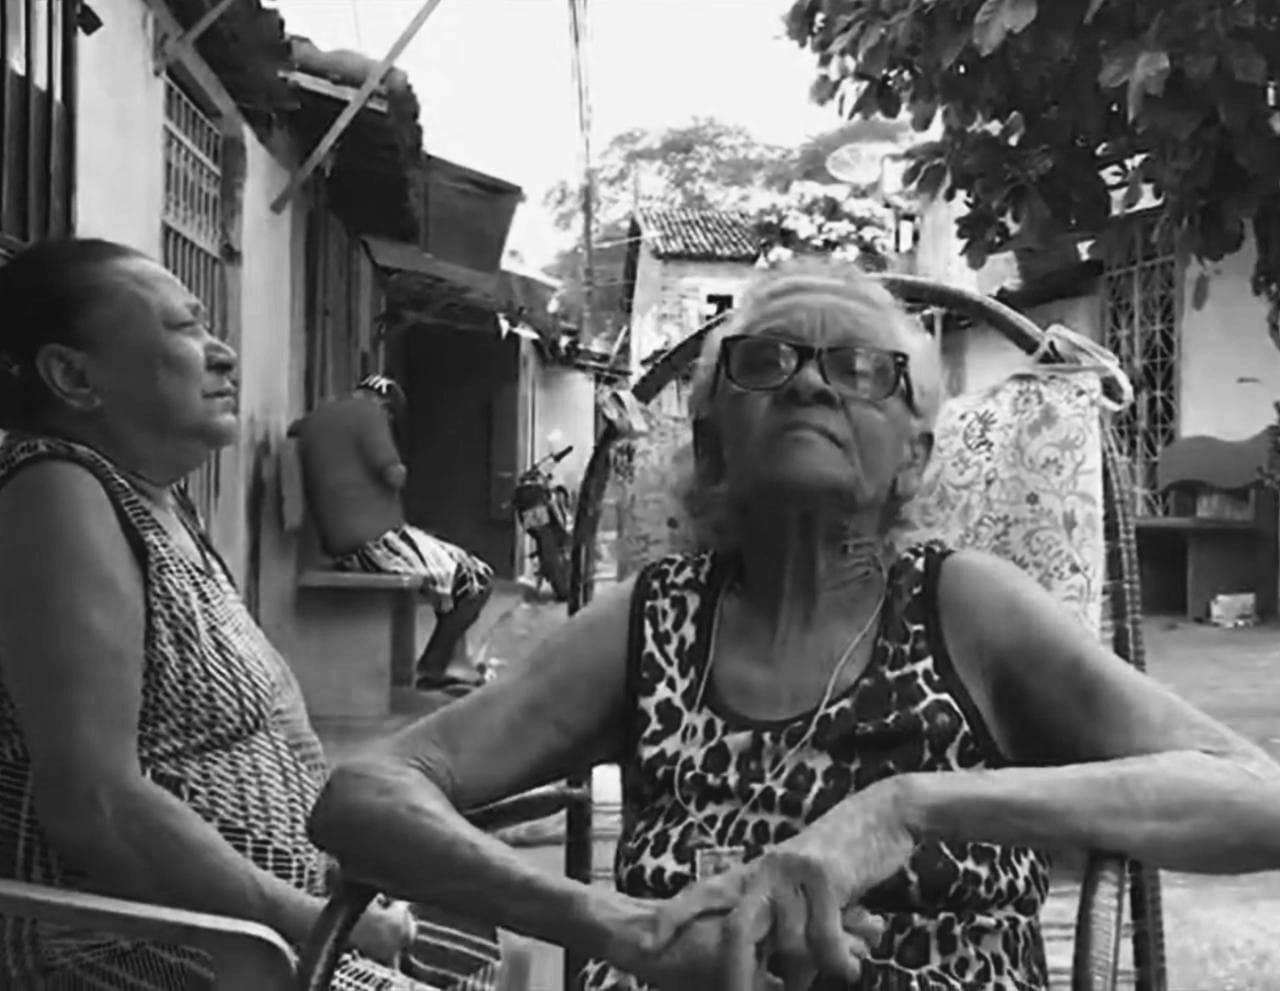 Still_Quilombo Urbano-Maloca